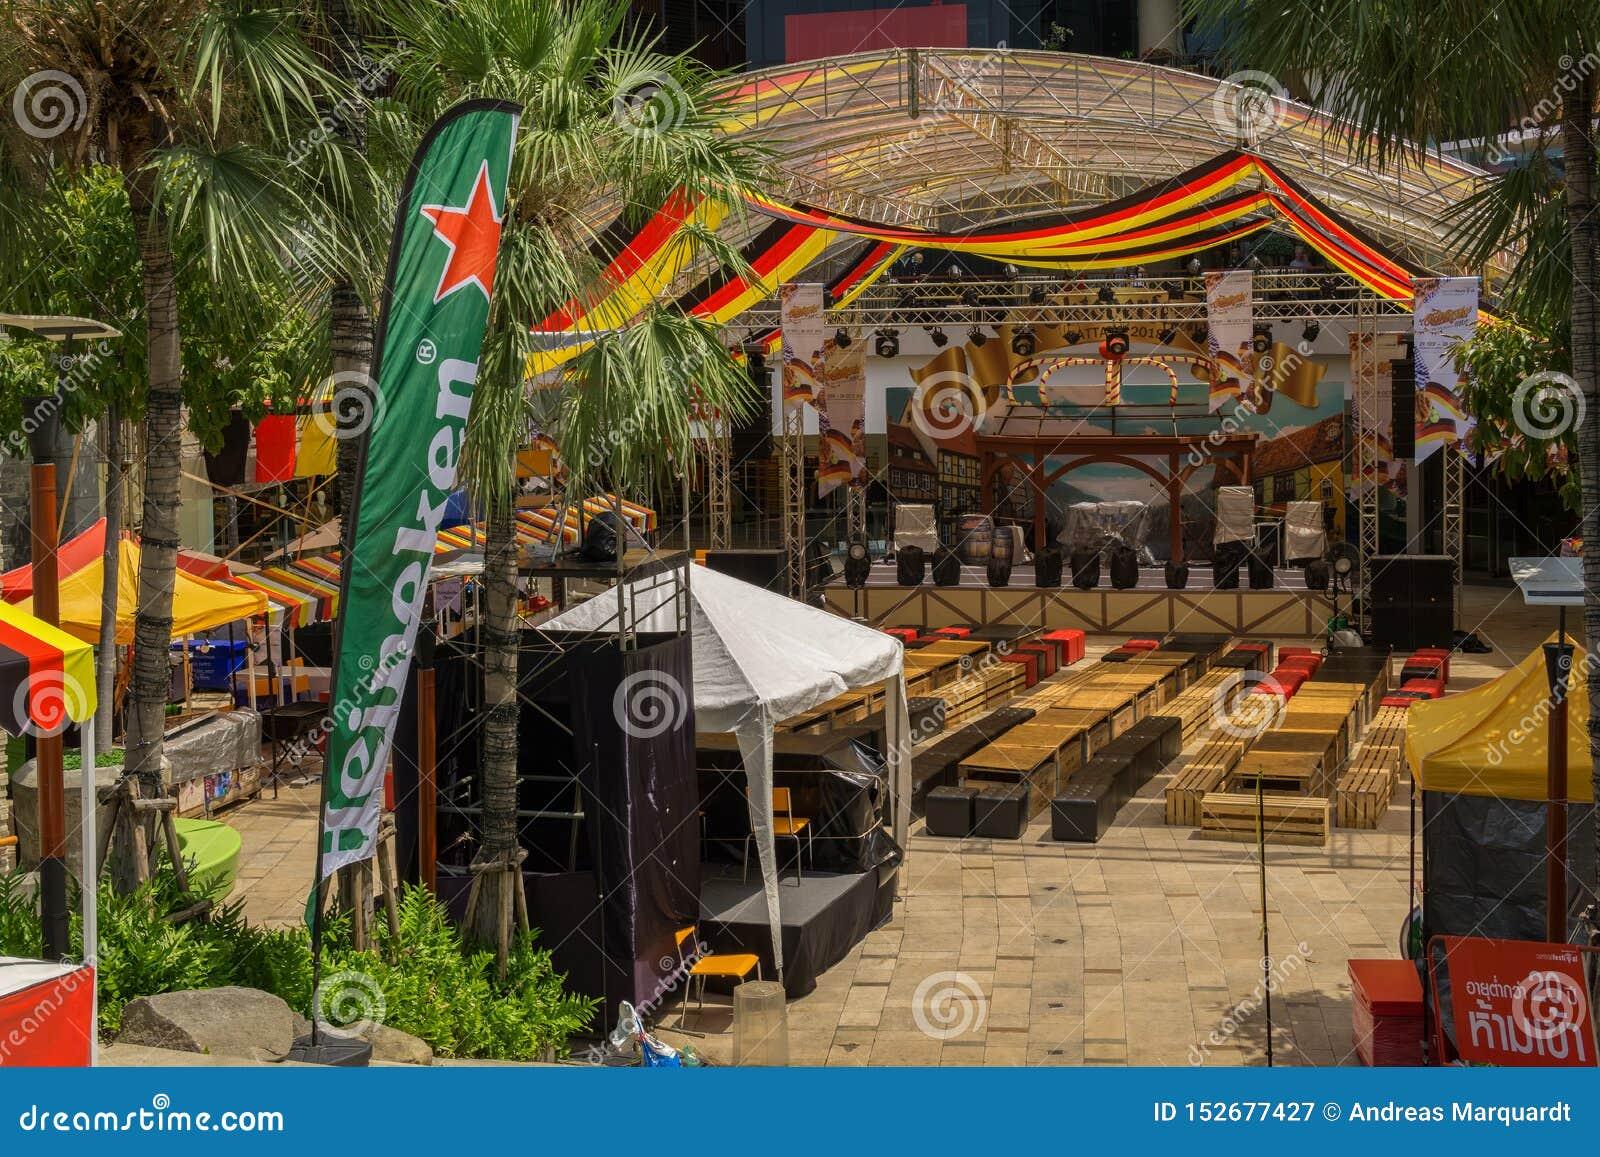 PATTAYA, THAILAND - OKTOBER 12,2018: Het centrale Festival dichtbij beachroad en op het openluchtgebied van de wandelgalerij was